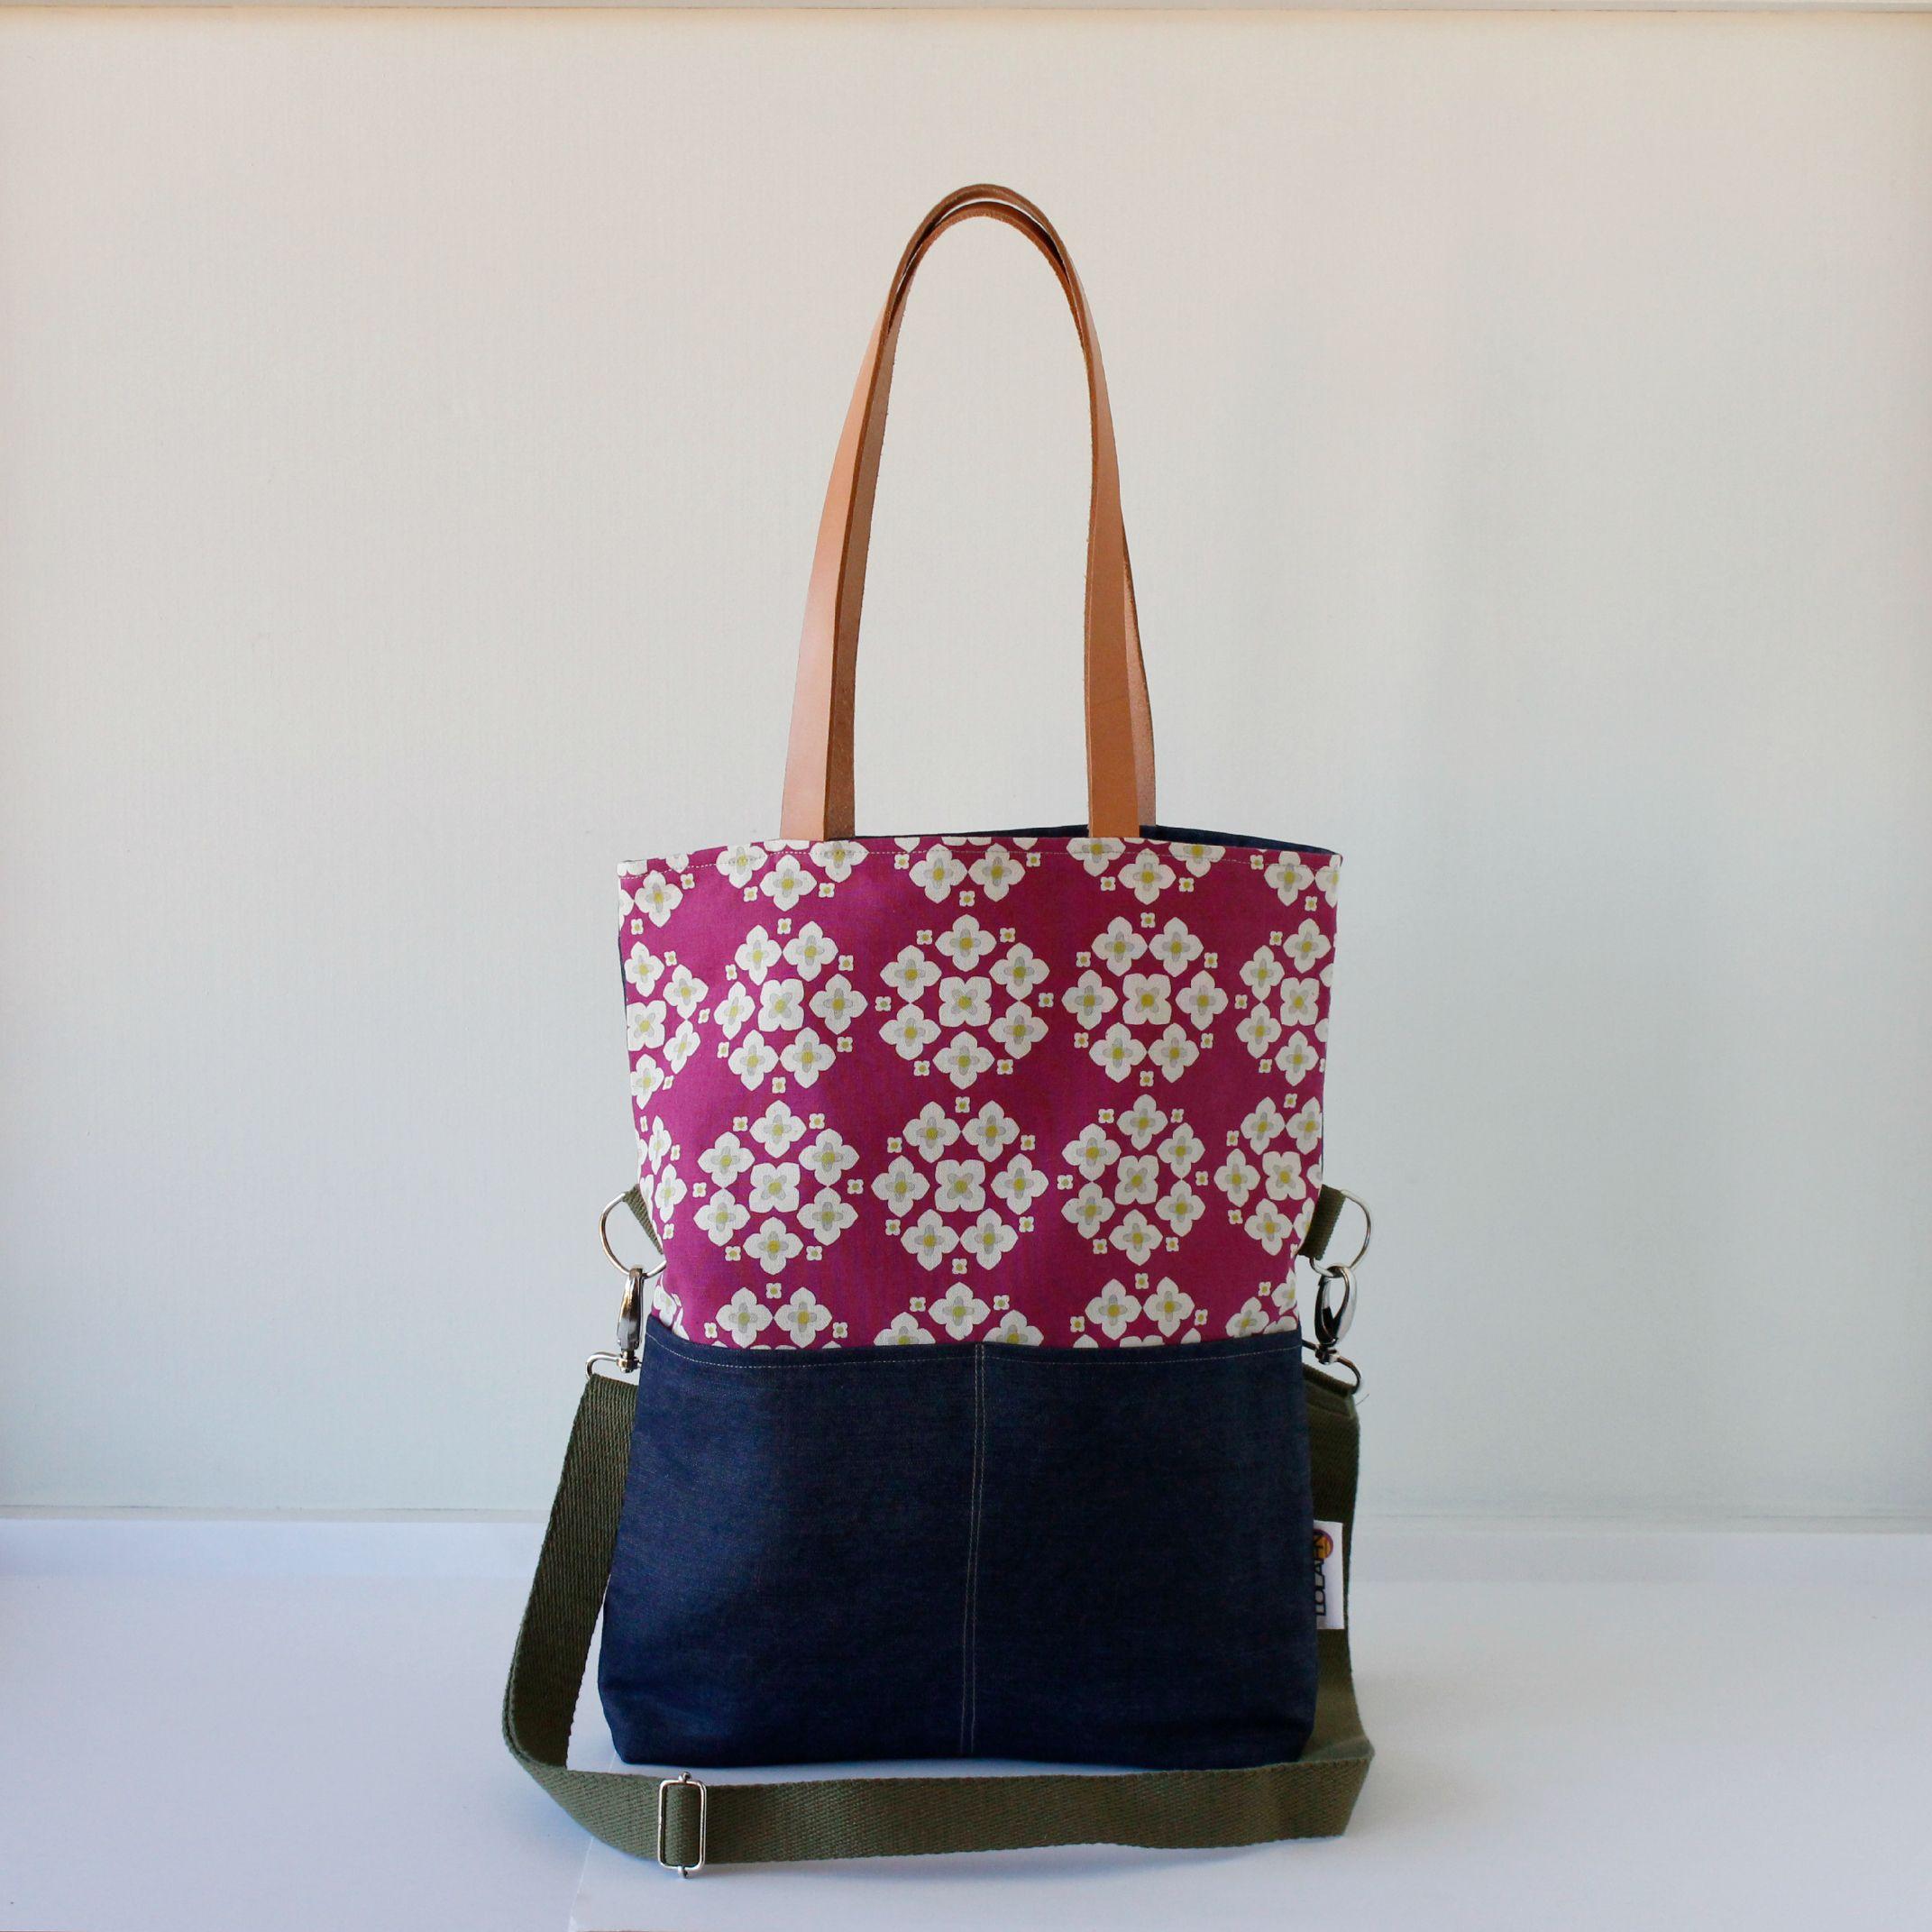 Bolsos de tela hechos a mano en espa a costuras pinterest bolsos de tela bolsos y tela - Bolsos de tela hechos en casa ...